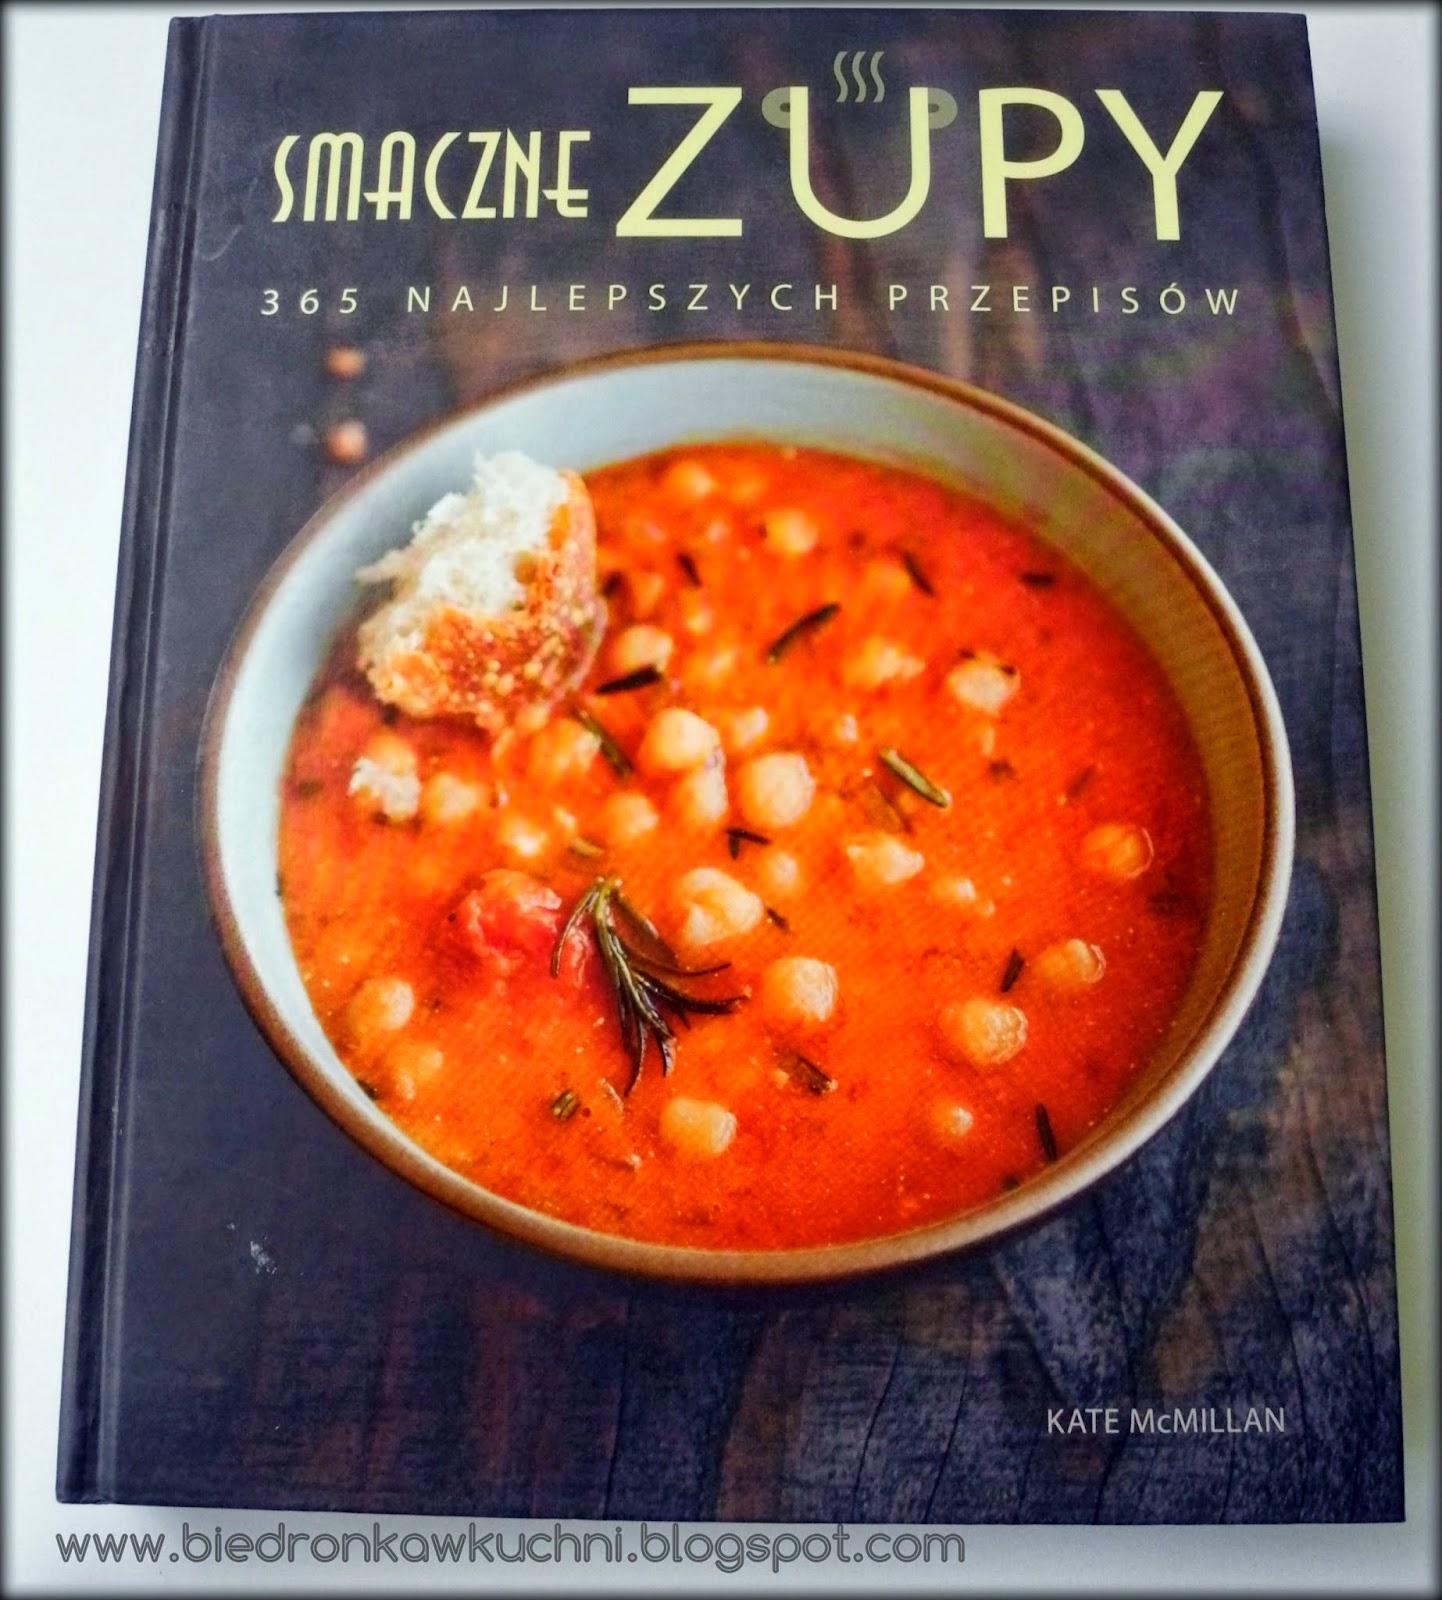 recenzja Smaczne zupy, Kate McMillan